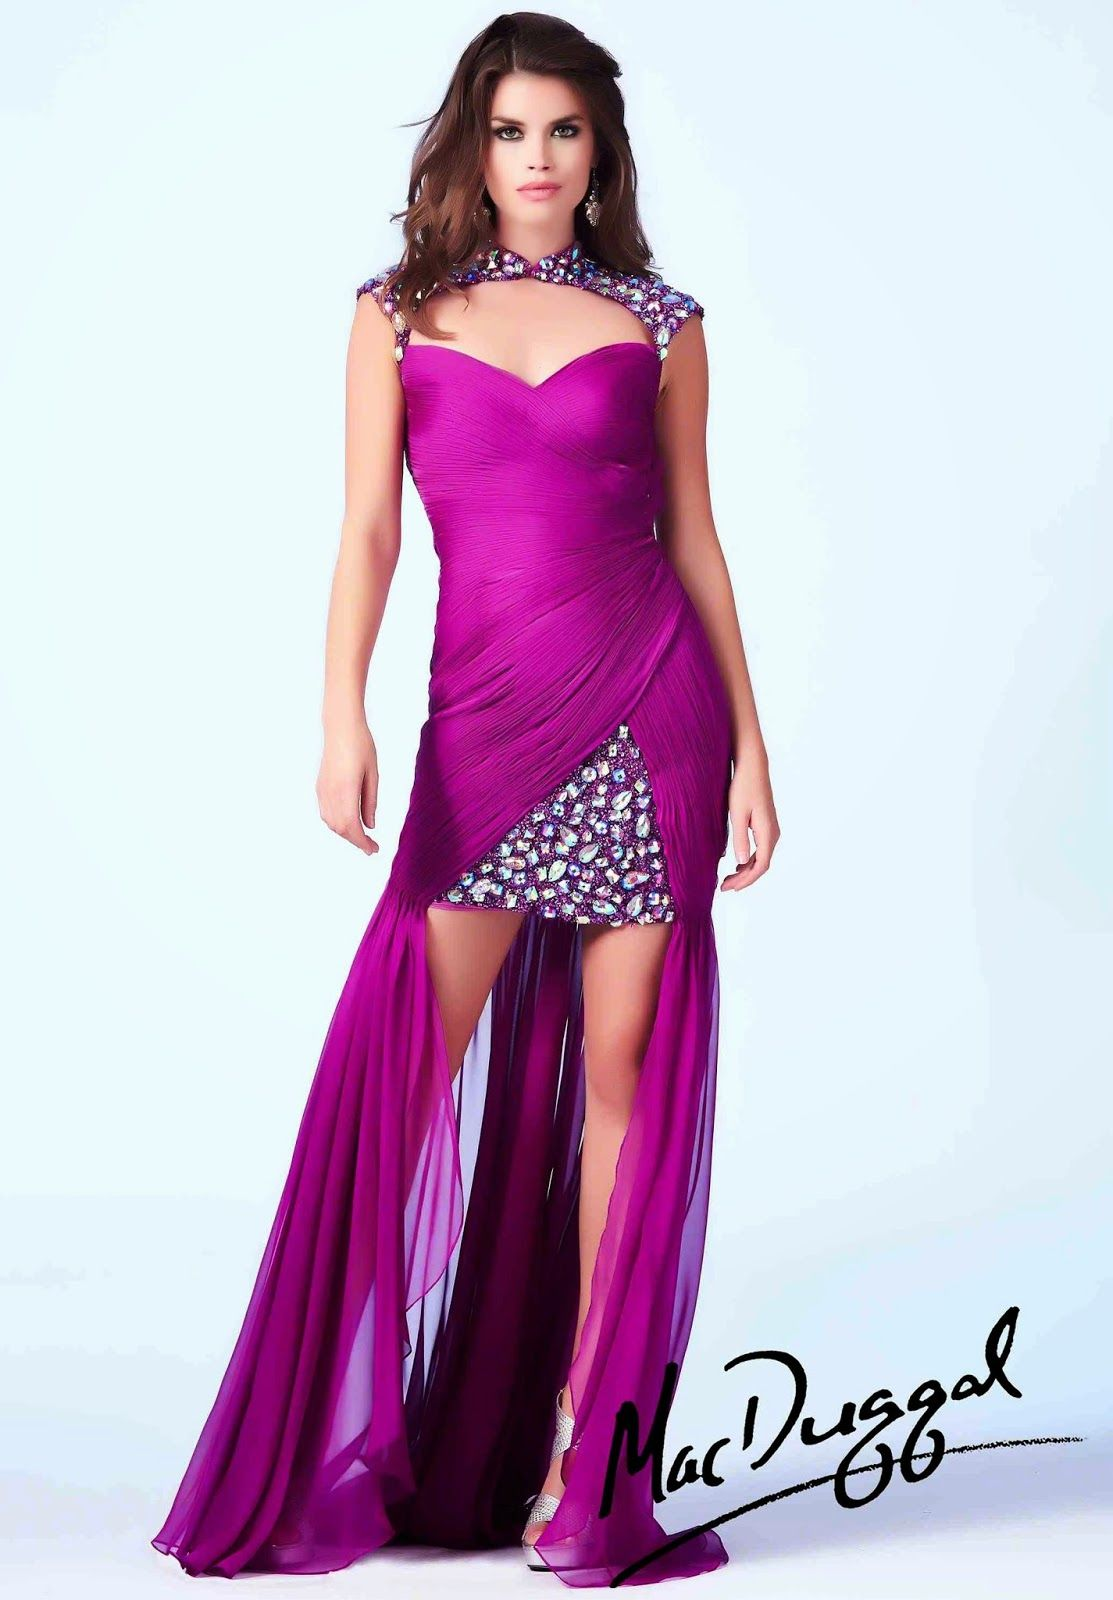 Dorable Vestidos De Fiesta Elegante Del Reino Unido Patrón - Vestido ...